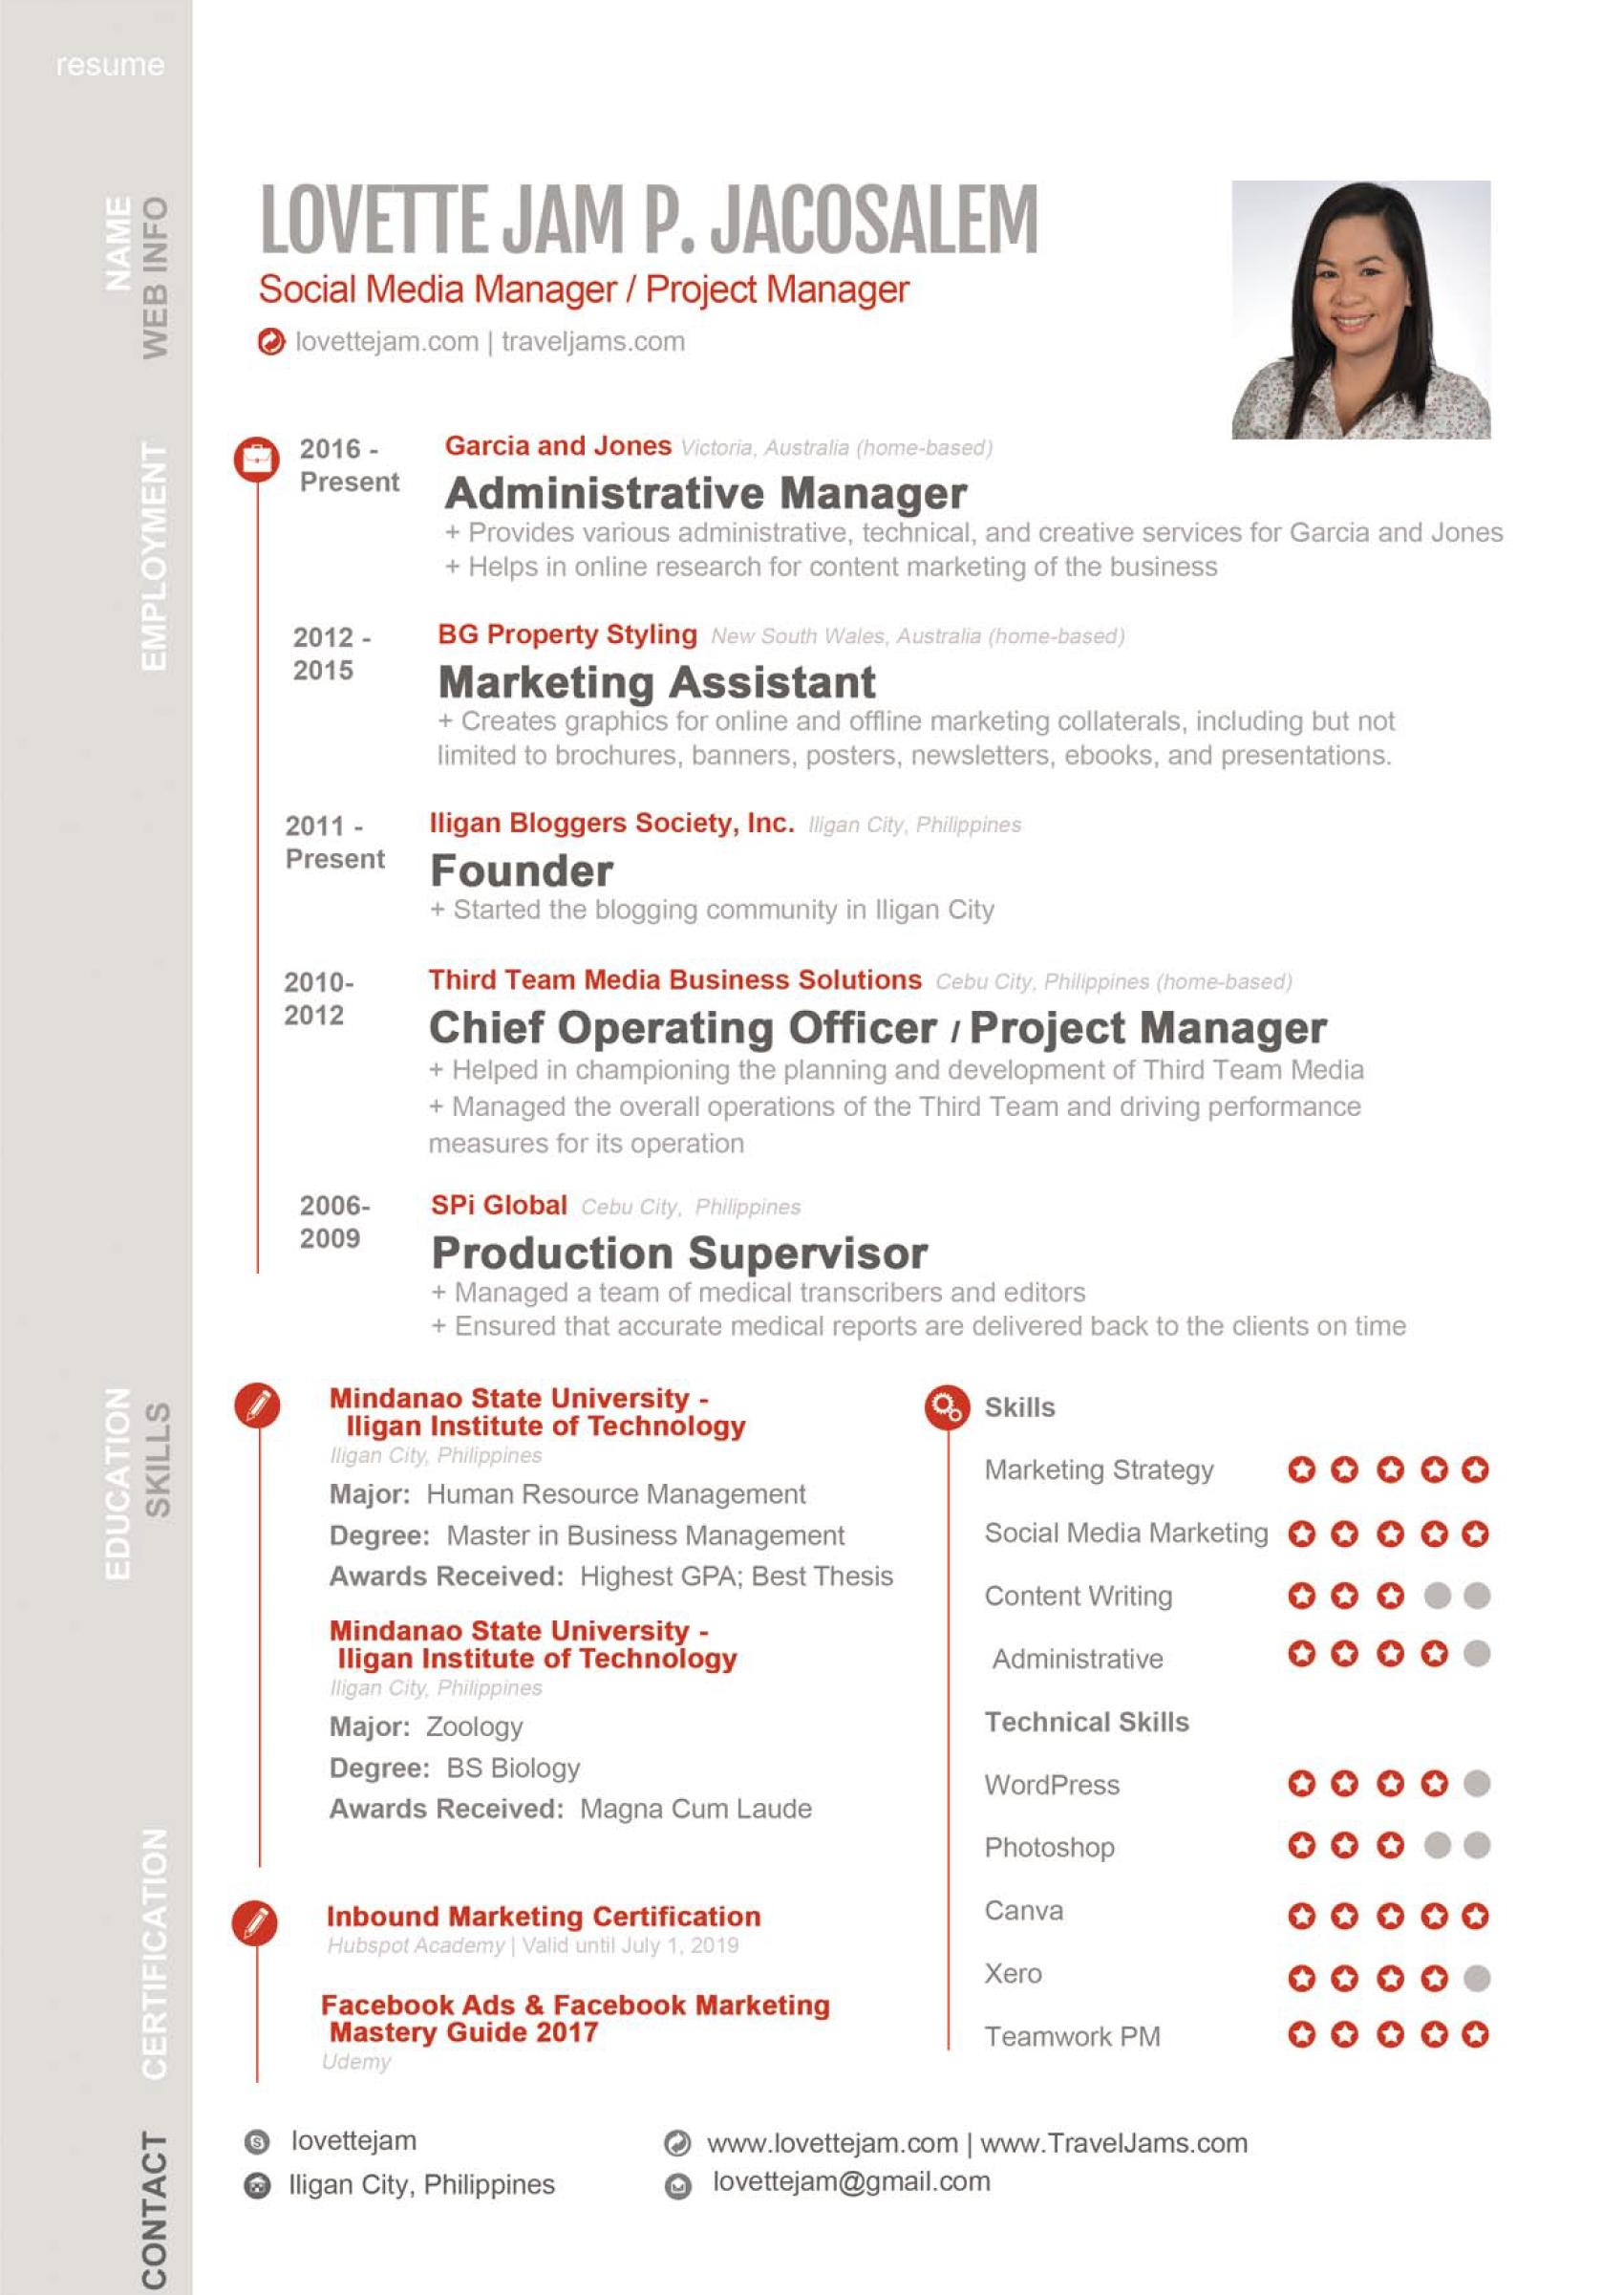 lovettejam-resume-2017